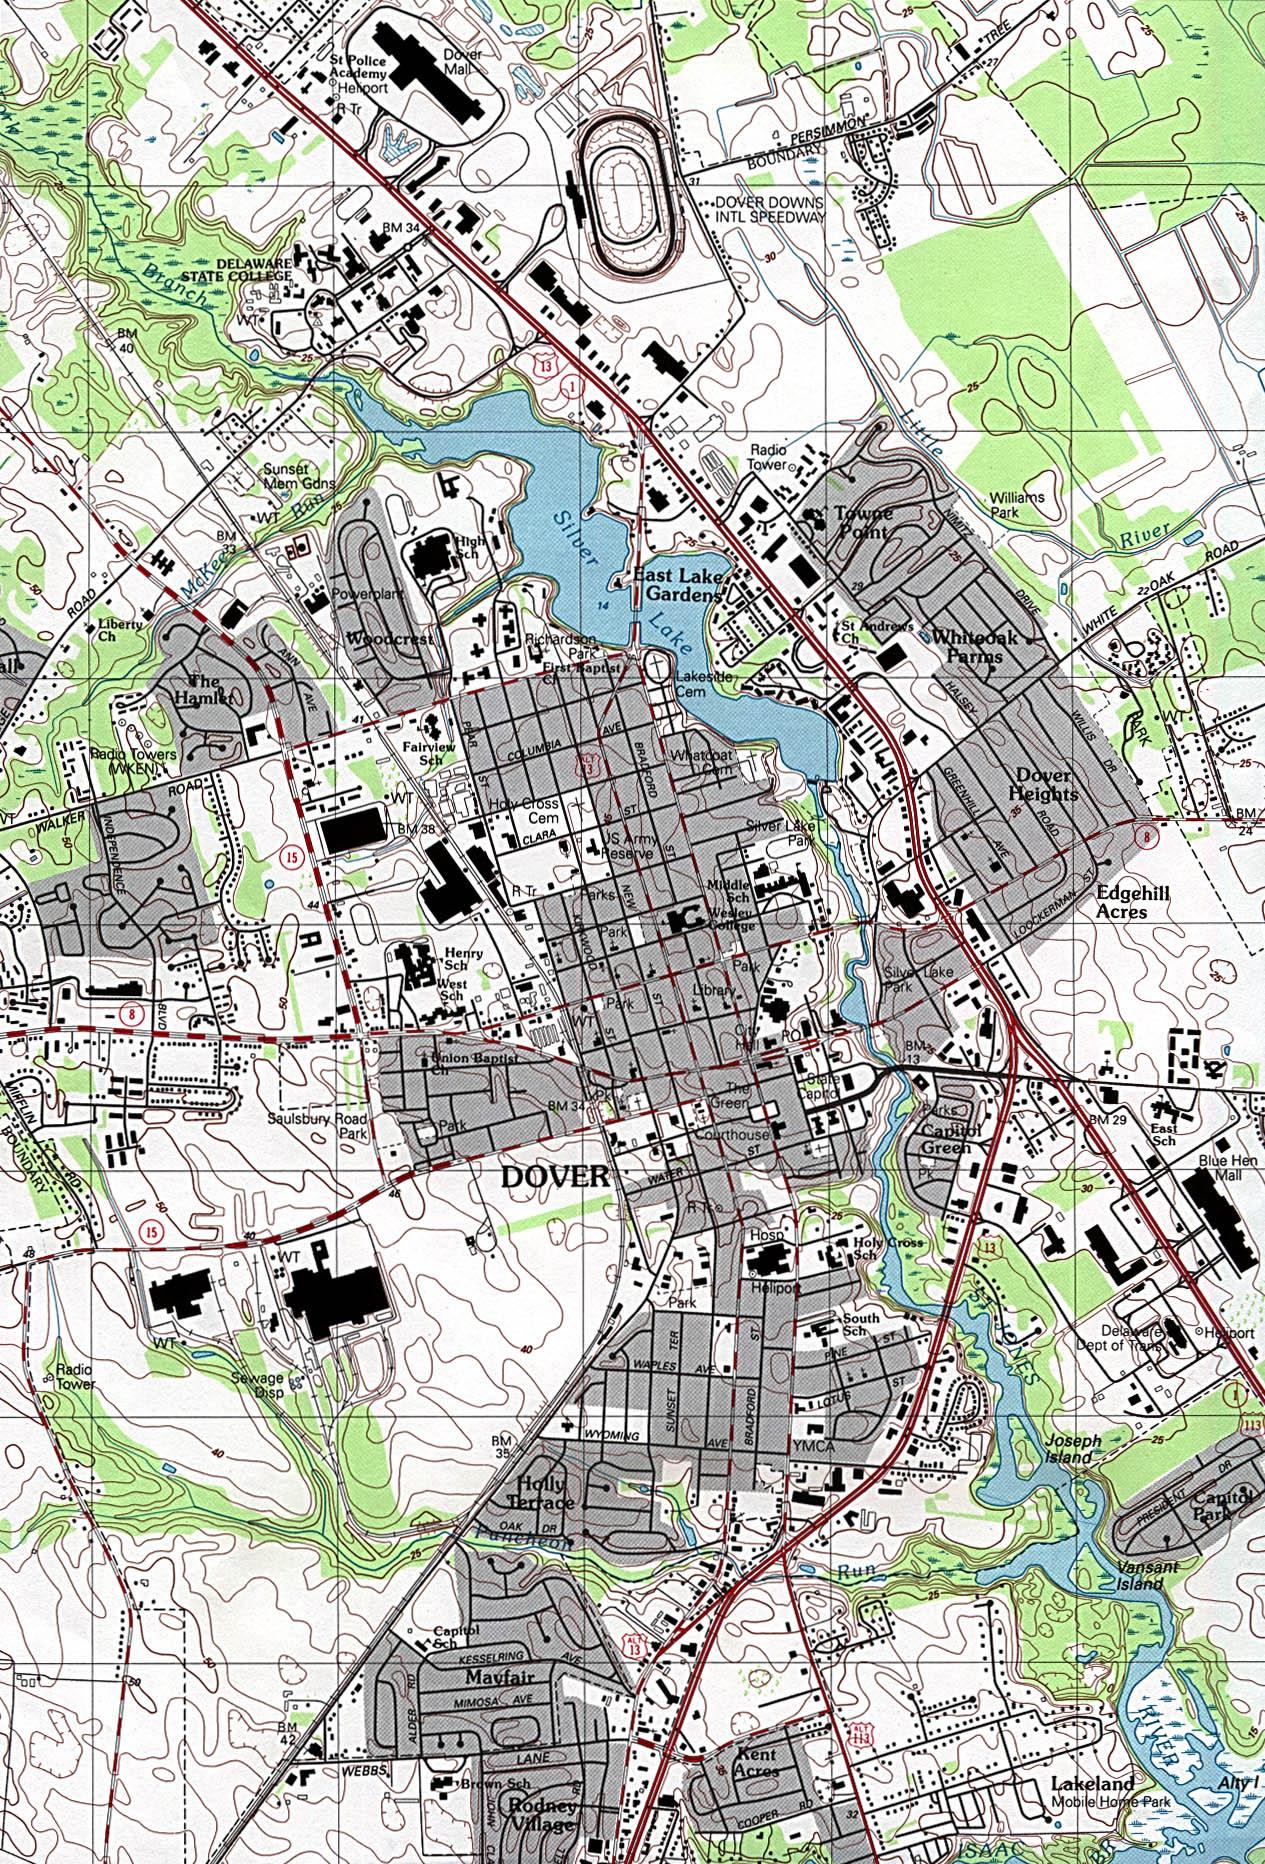 Mapa Topográfico de la Ciudad de Dover, Delaware, Estados Unidos